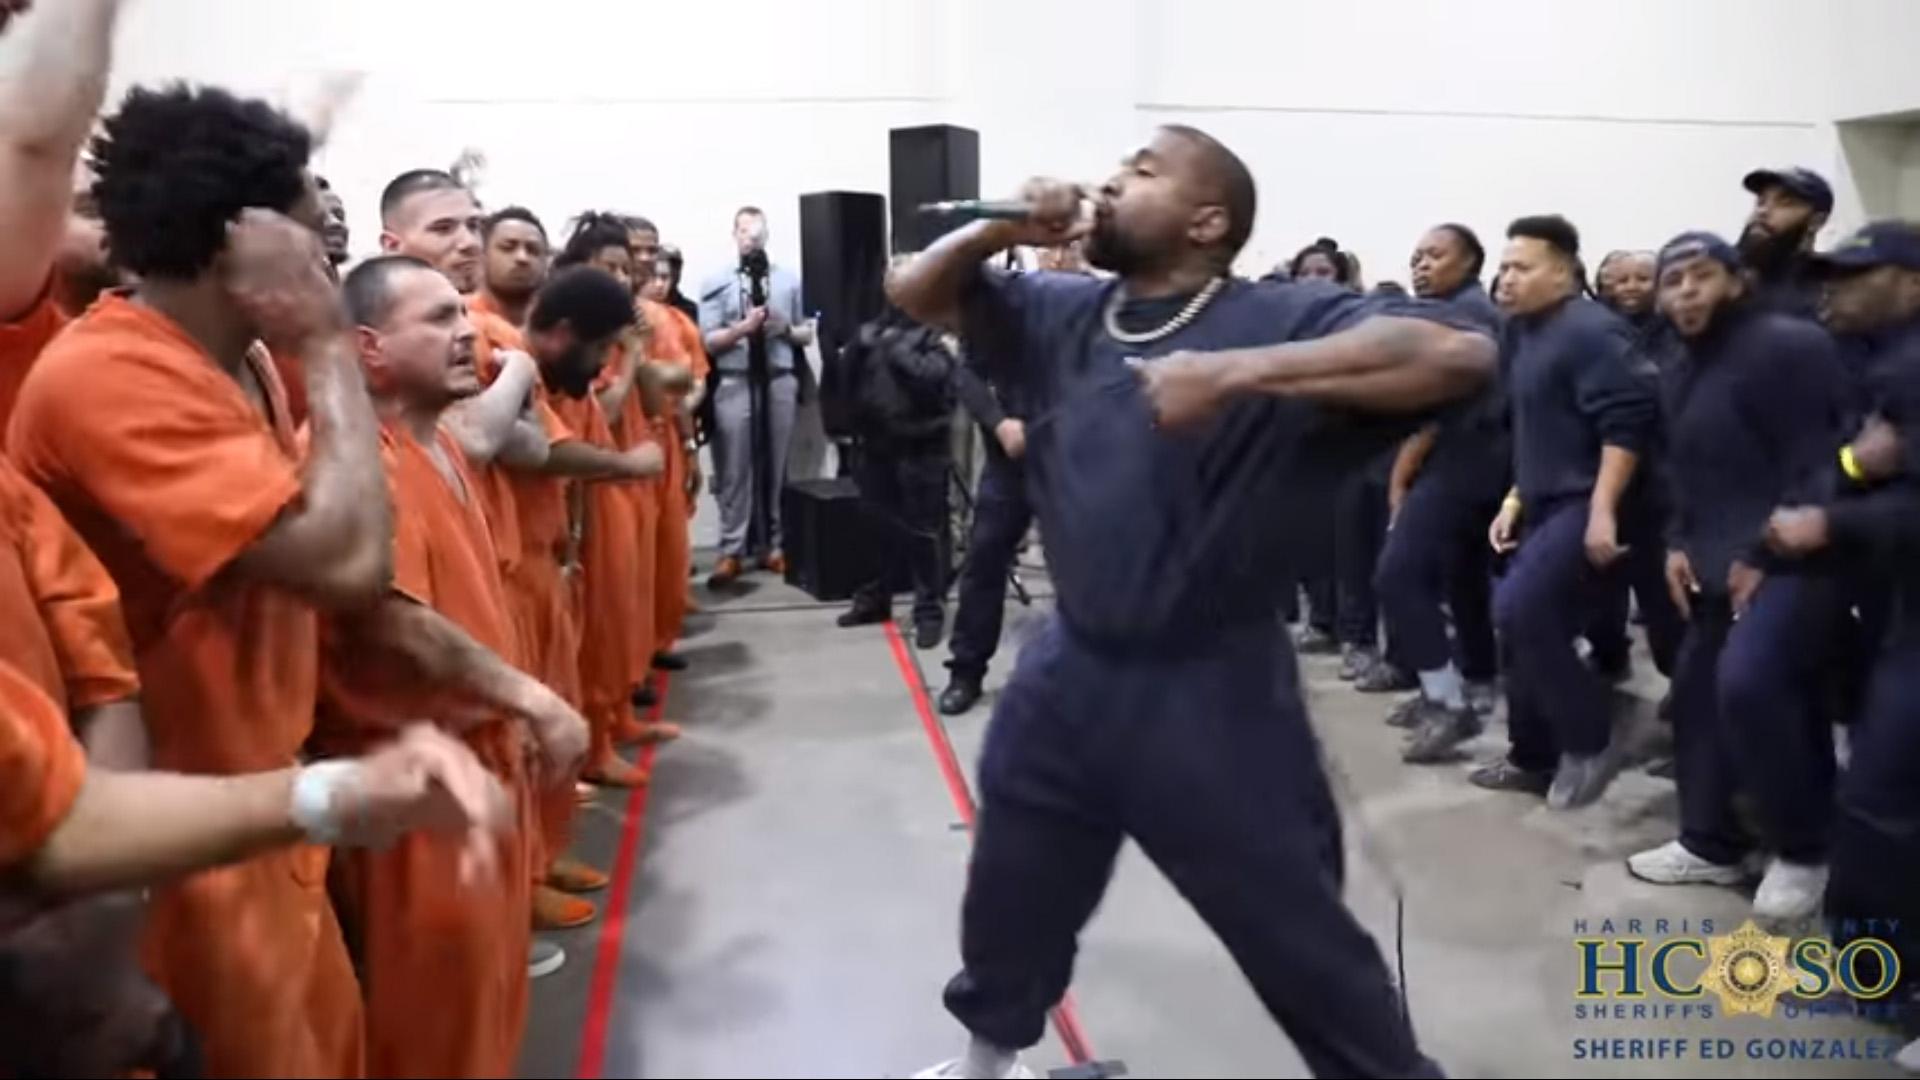 래퍼 카니예 웨스트가 15일(현지시간) 미국 텍사스 주 휴스턴 해리스 카운티 교도소를 찾아 공연을 하고 있다. [온라인 동영상 캡처]